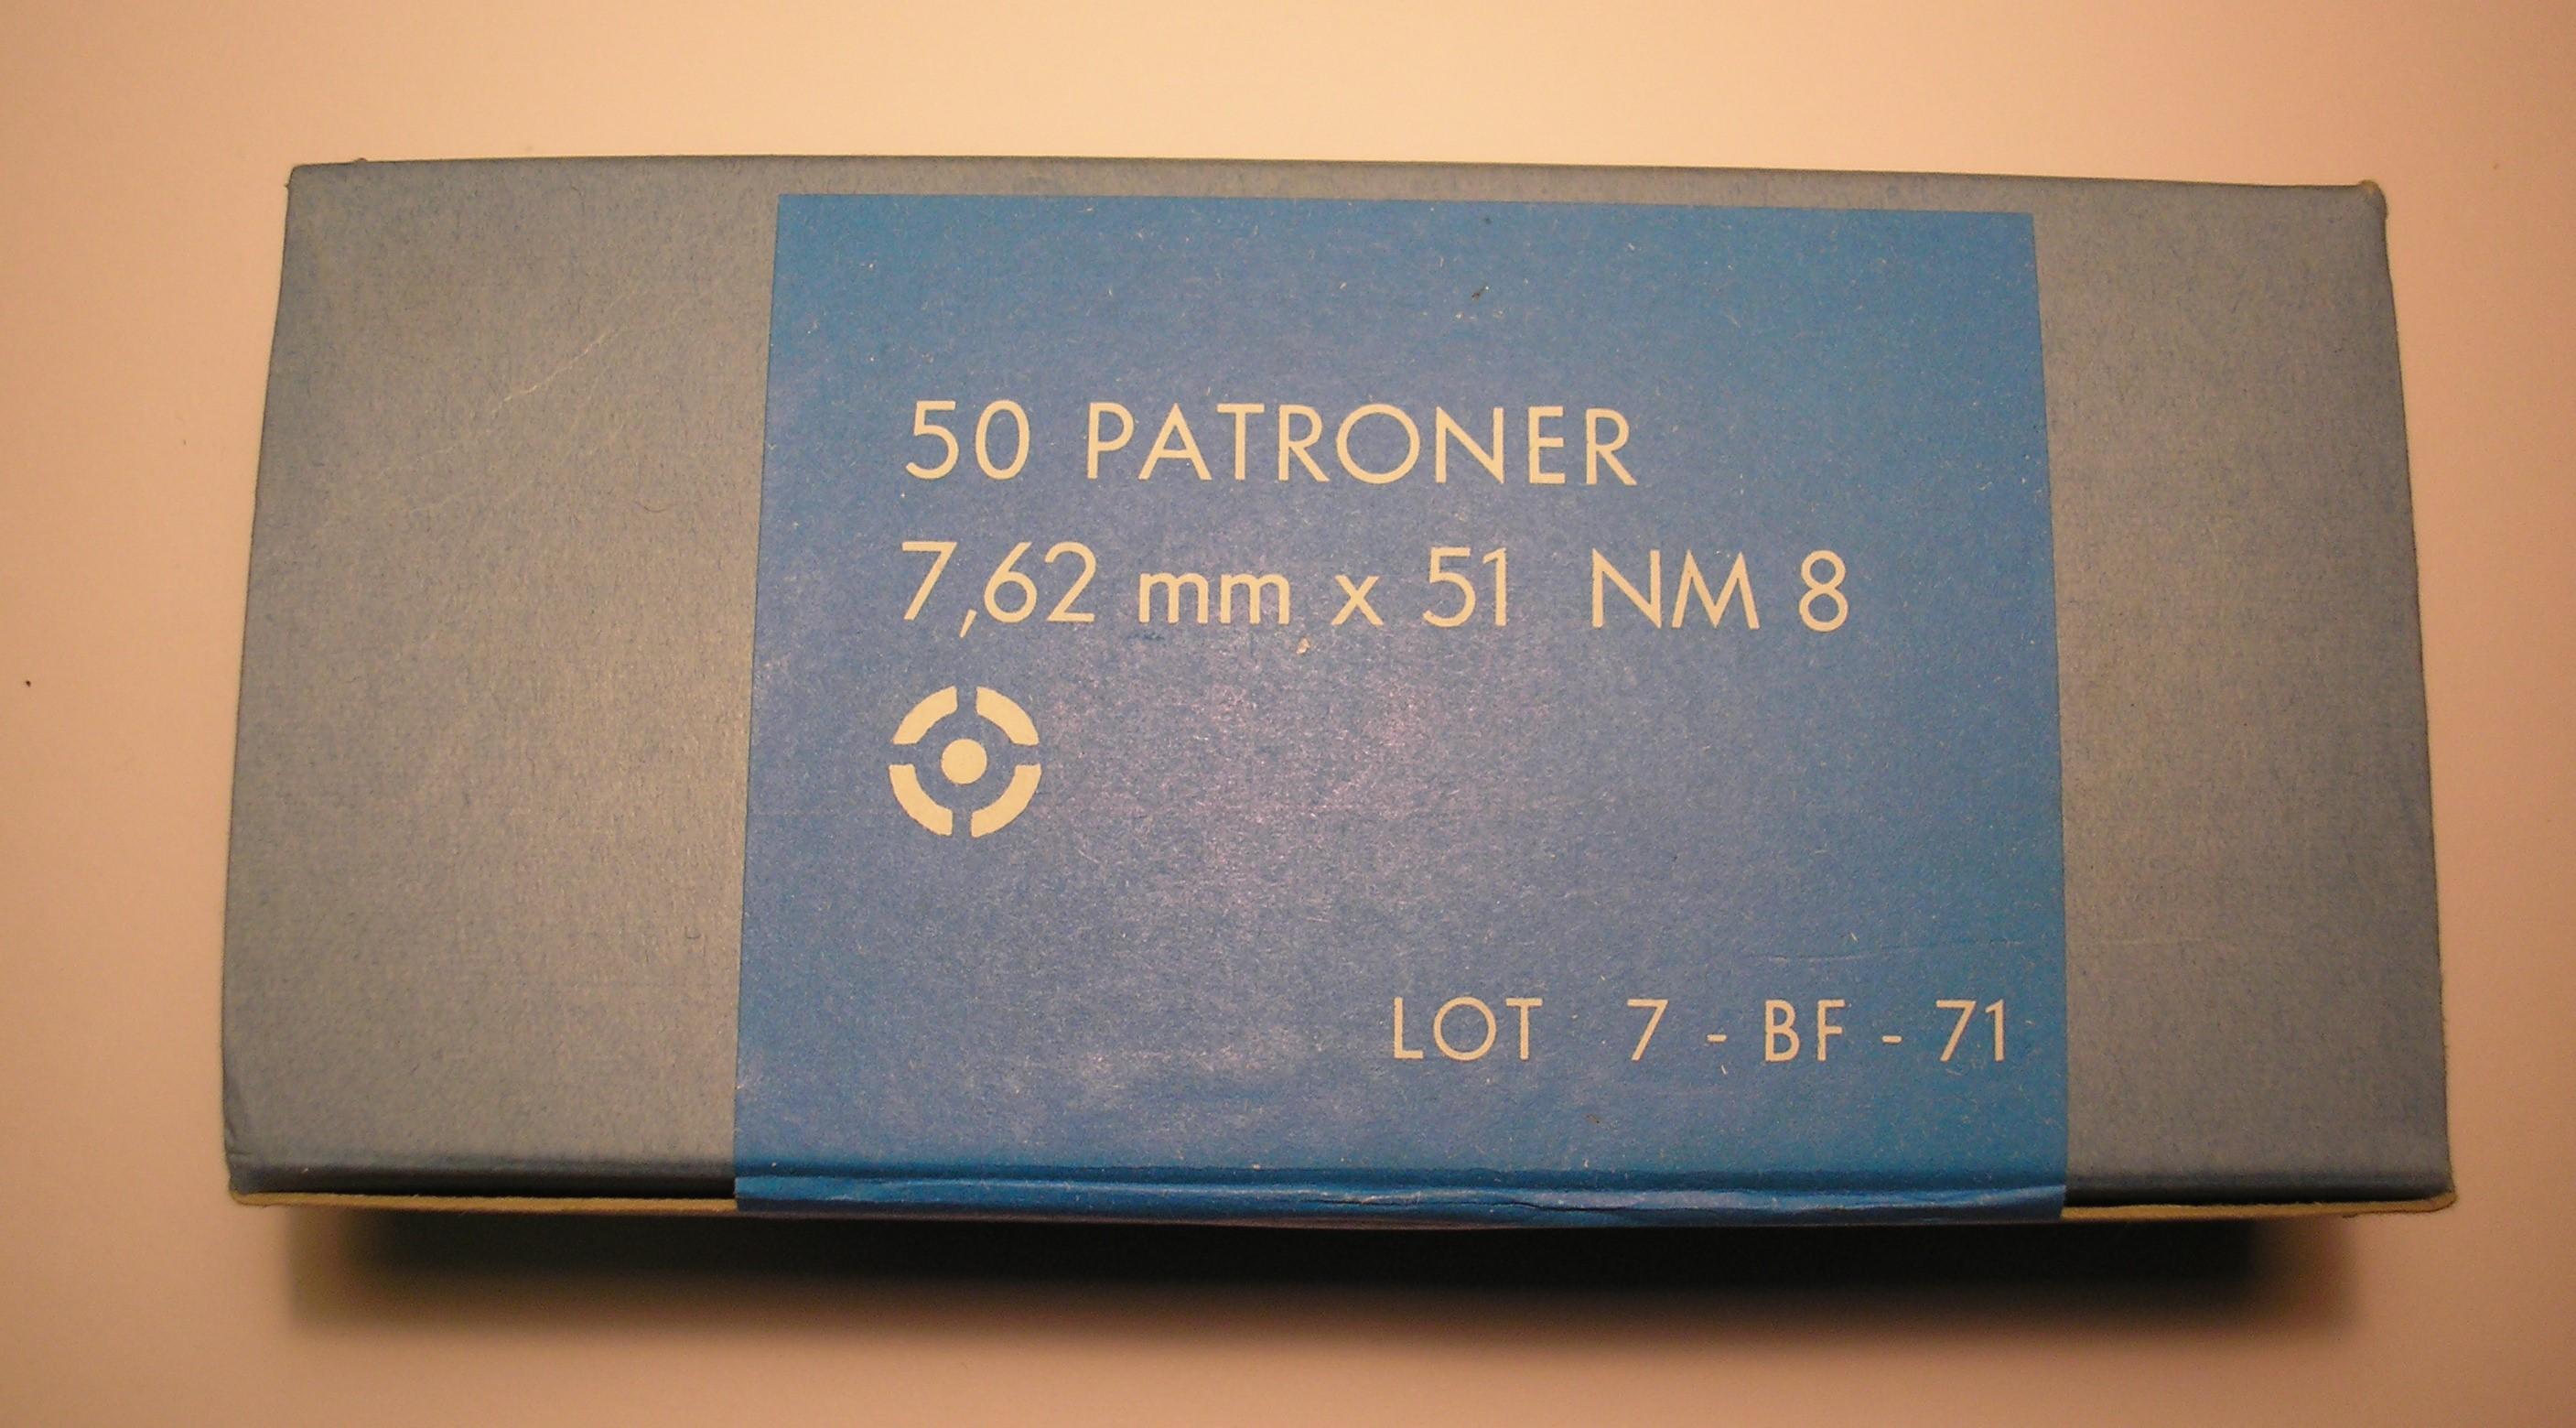 Eske-762x51-BF-korthold-50skudd-NM8-7-BF-71-1.JPG